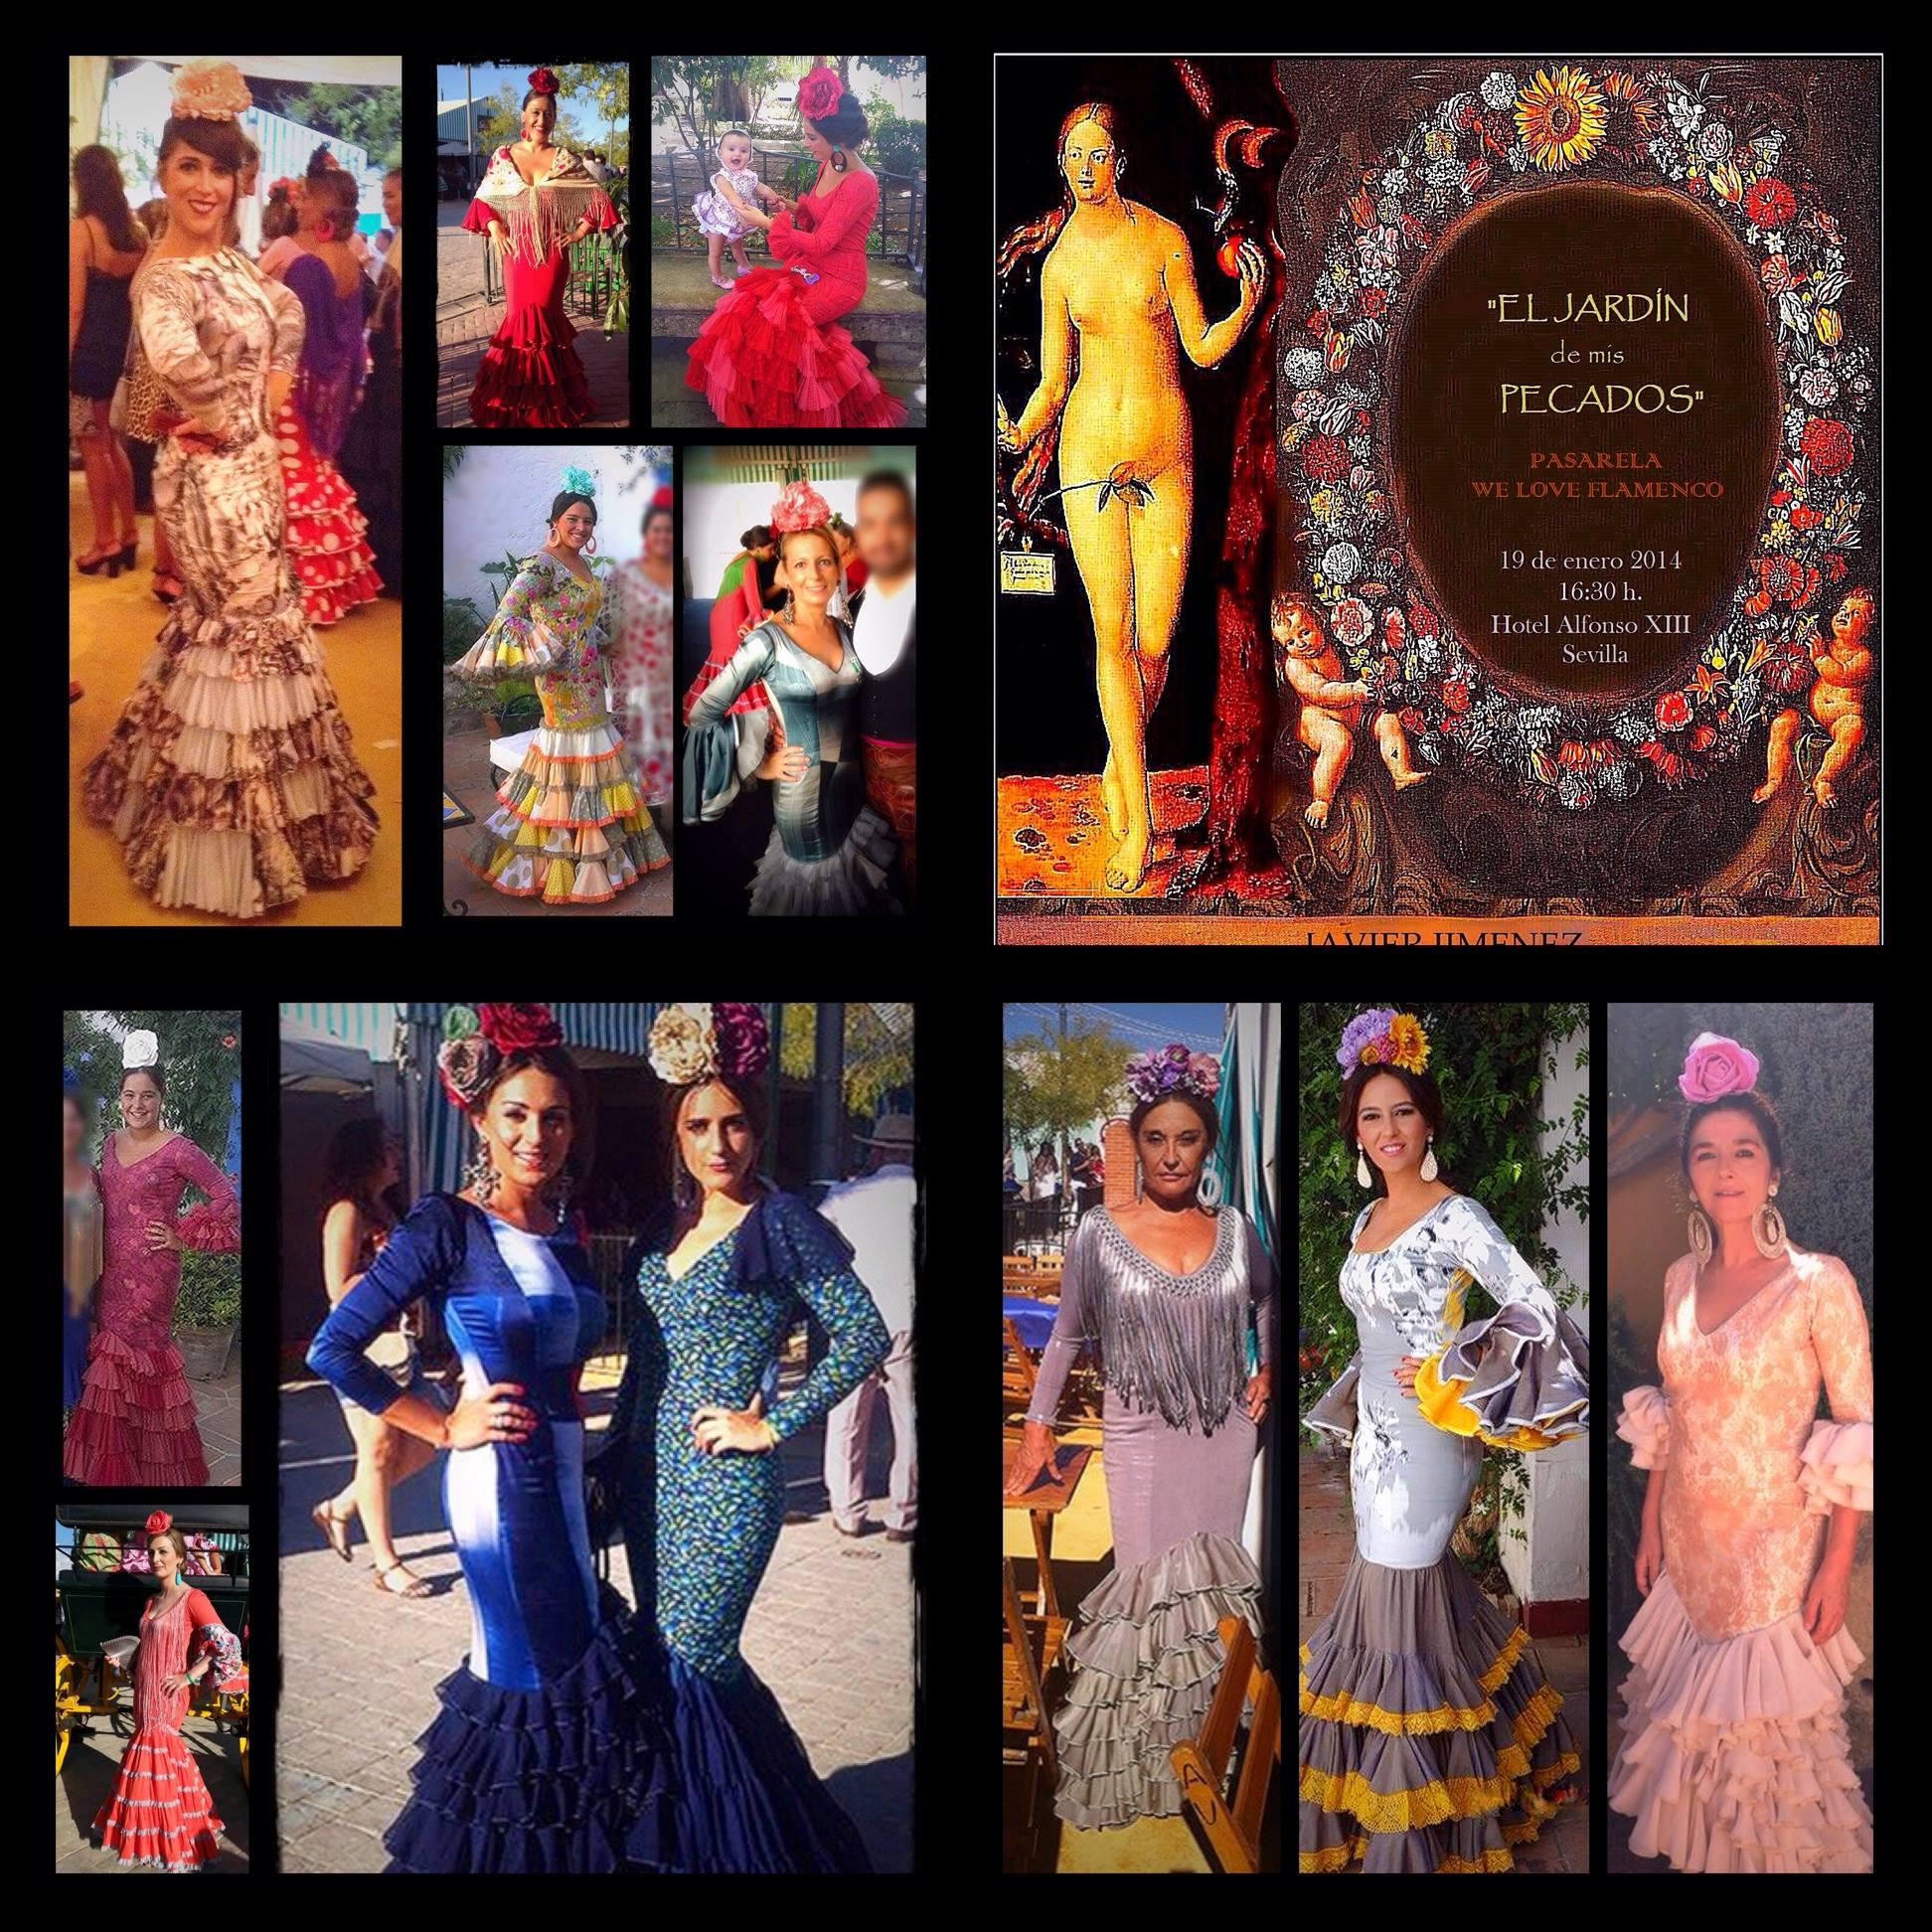 La moda flamenca que nos gusta ver (a los blogueros)